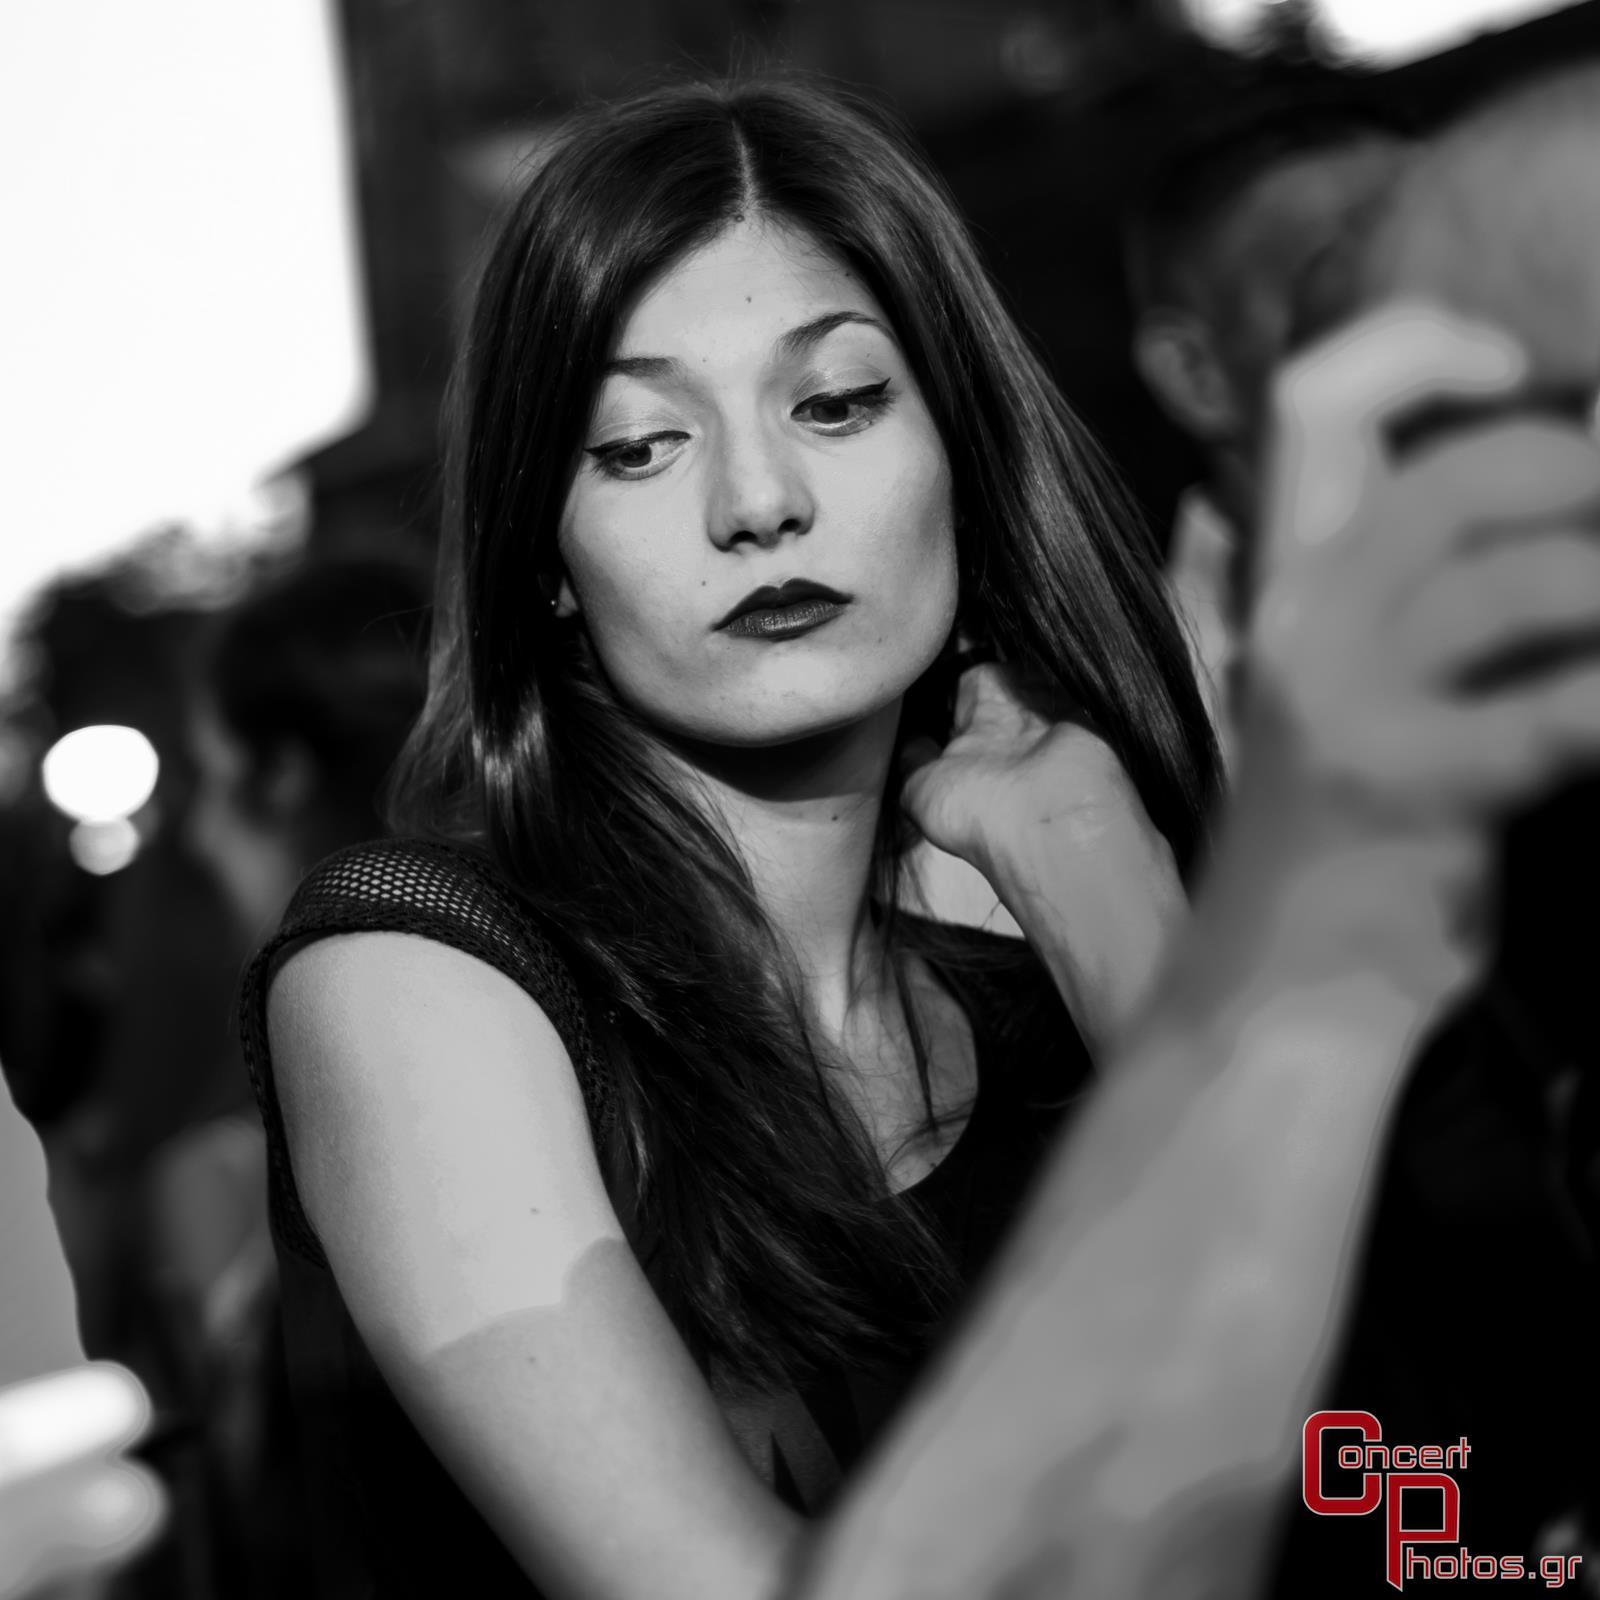 Μία συναυλία για τη Σχεδία 2014-Sxedia 2014 photographer:  - concertphotos_20140526_20_58_52